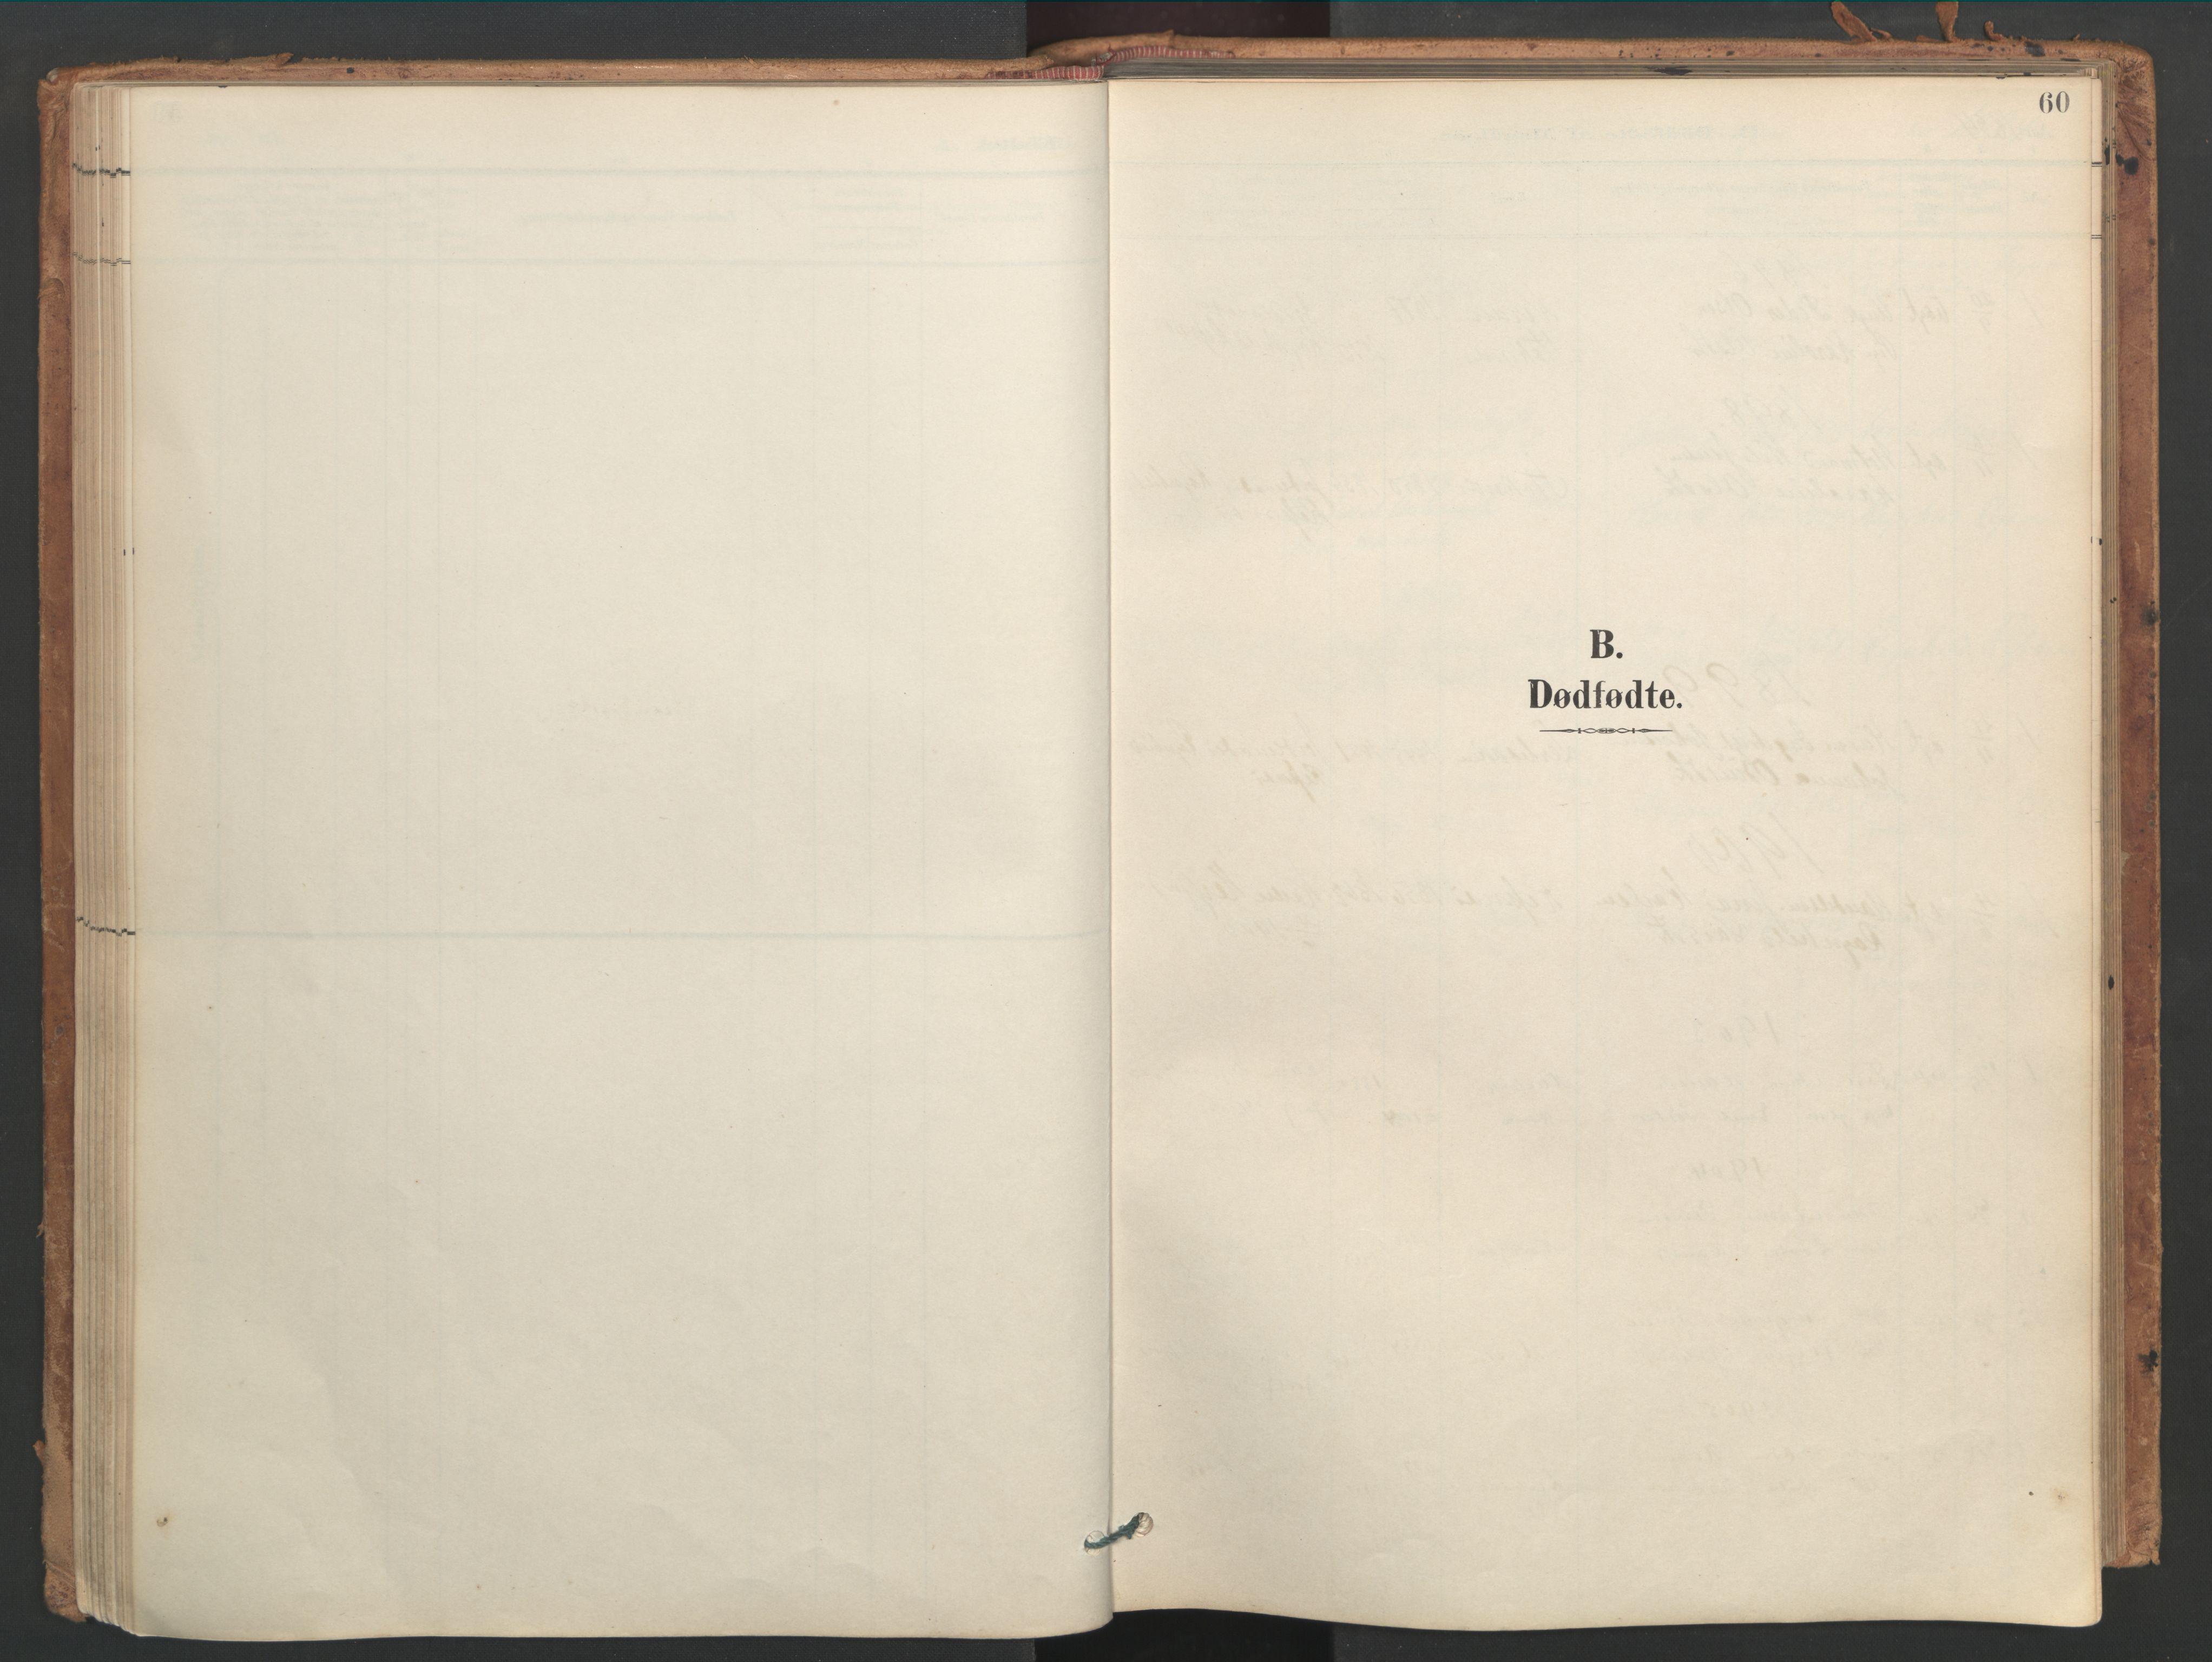 SAT, Ministerialprotokoller, klokkerbøker og fødselsregistre - Sør-Trøndelag, 656/L0693: Ministerialbok nr. 656A02, 1894-1913, s. 60